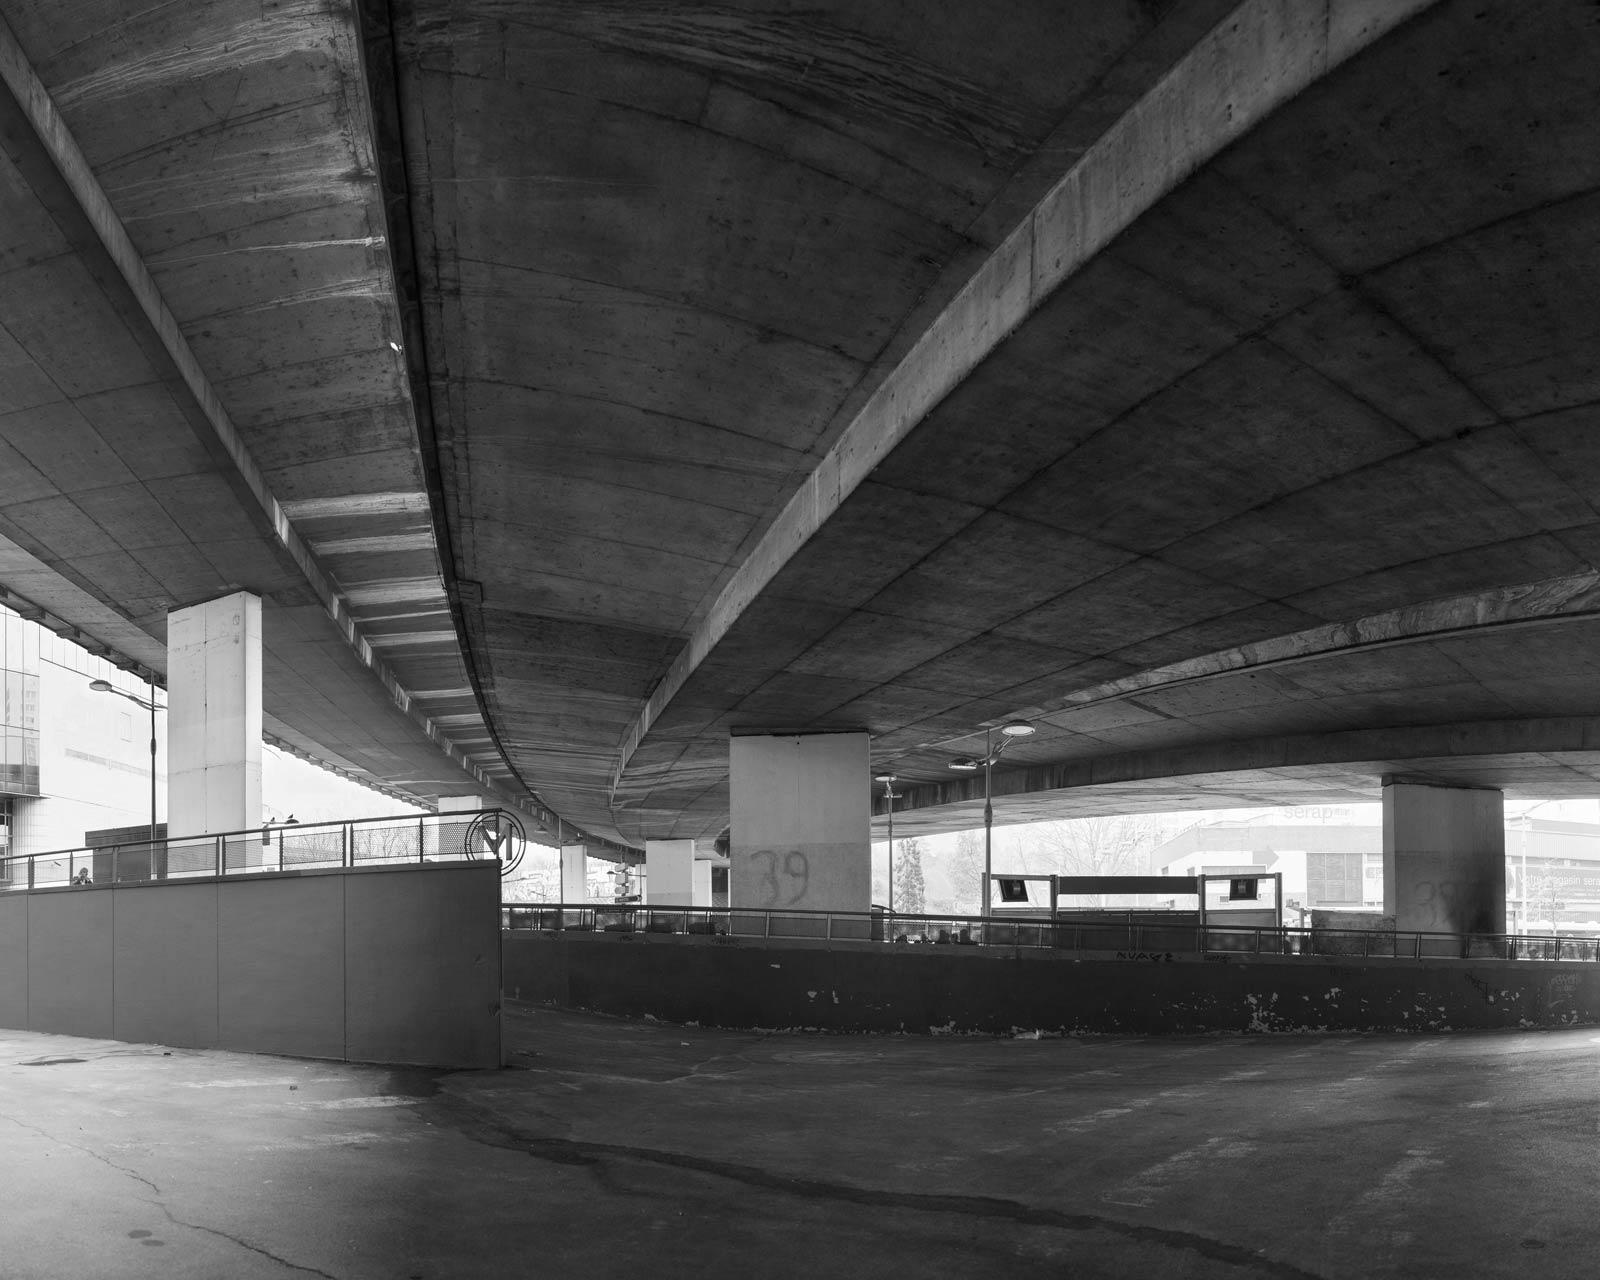 typologie-du-beton_10_ludovic-maillard